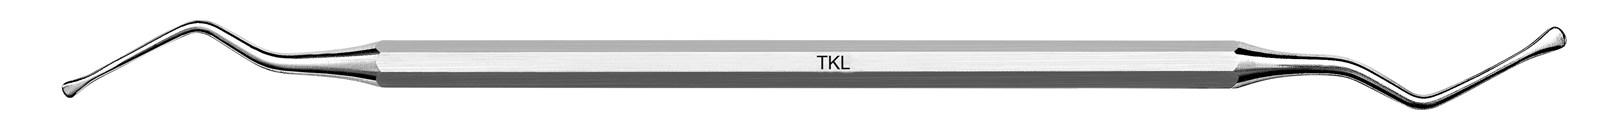 Nůž pro tunelovou techniku - TKL, ADEP červený